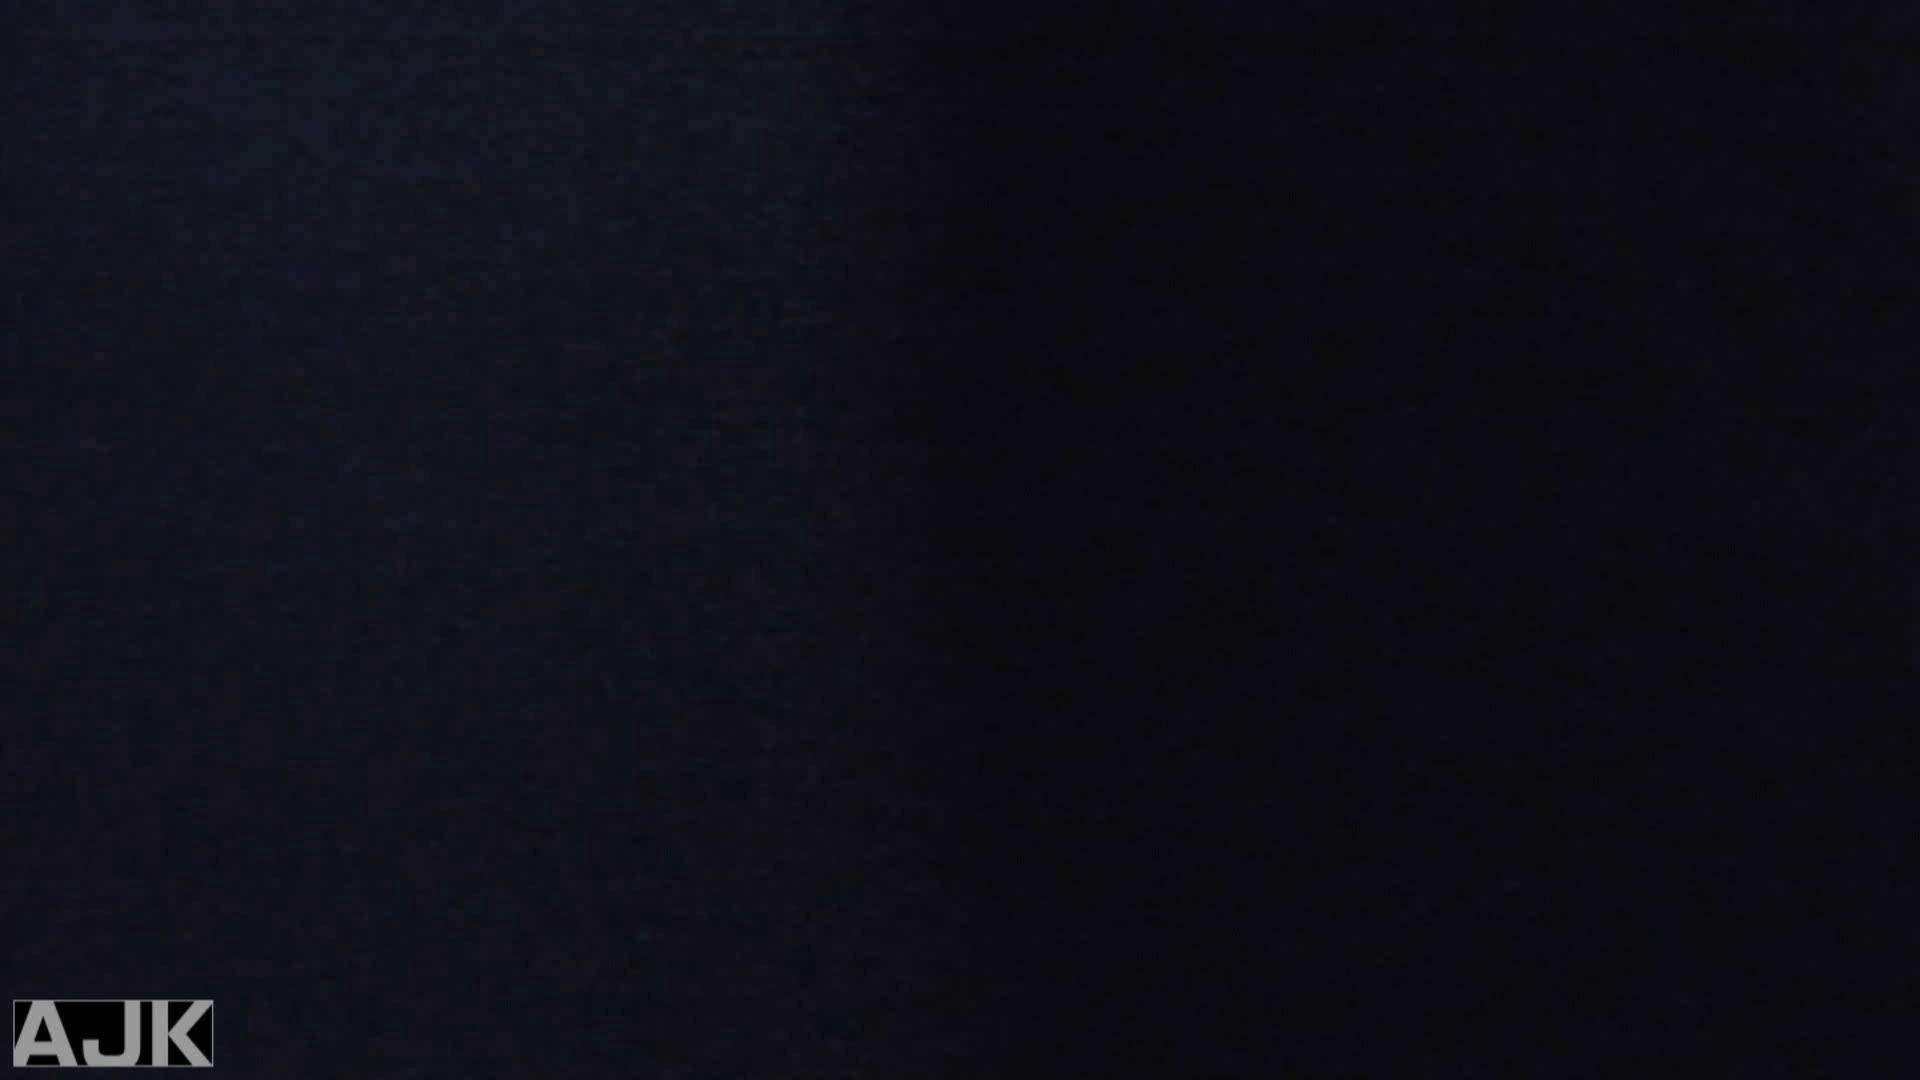 隣国上階級エリアの令嬢たちが集うデパートお手洗い Vol.13 便器 オマンコ動画キャプチャ 59画像 41